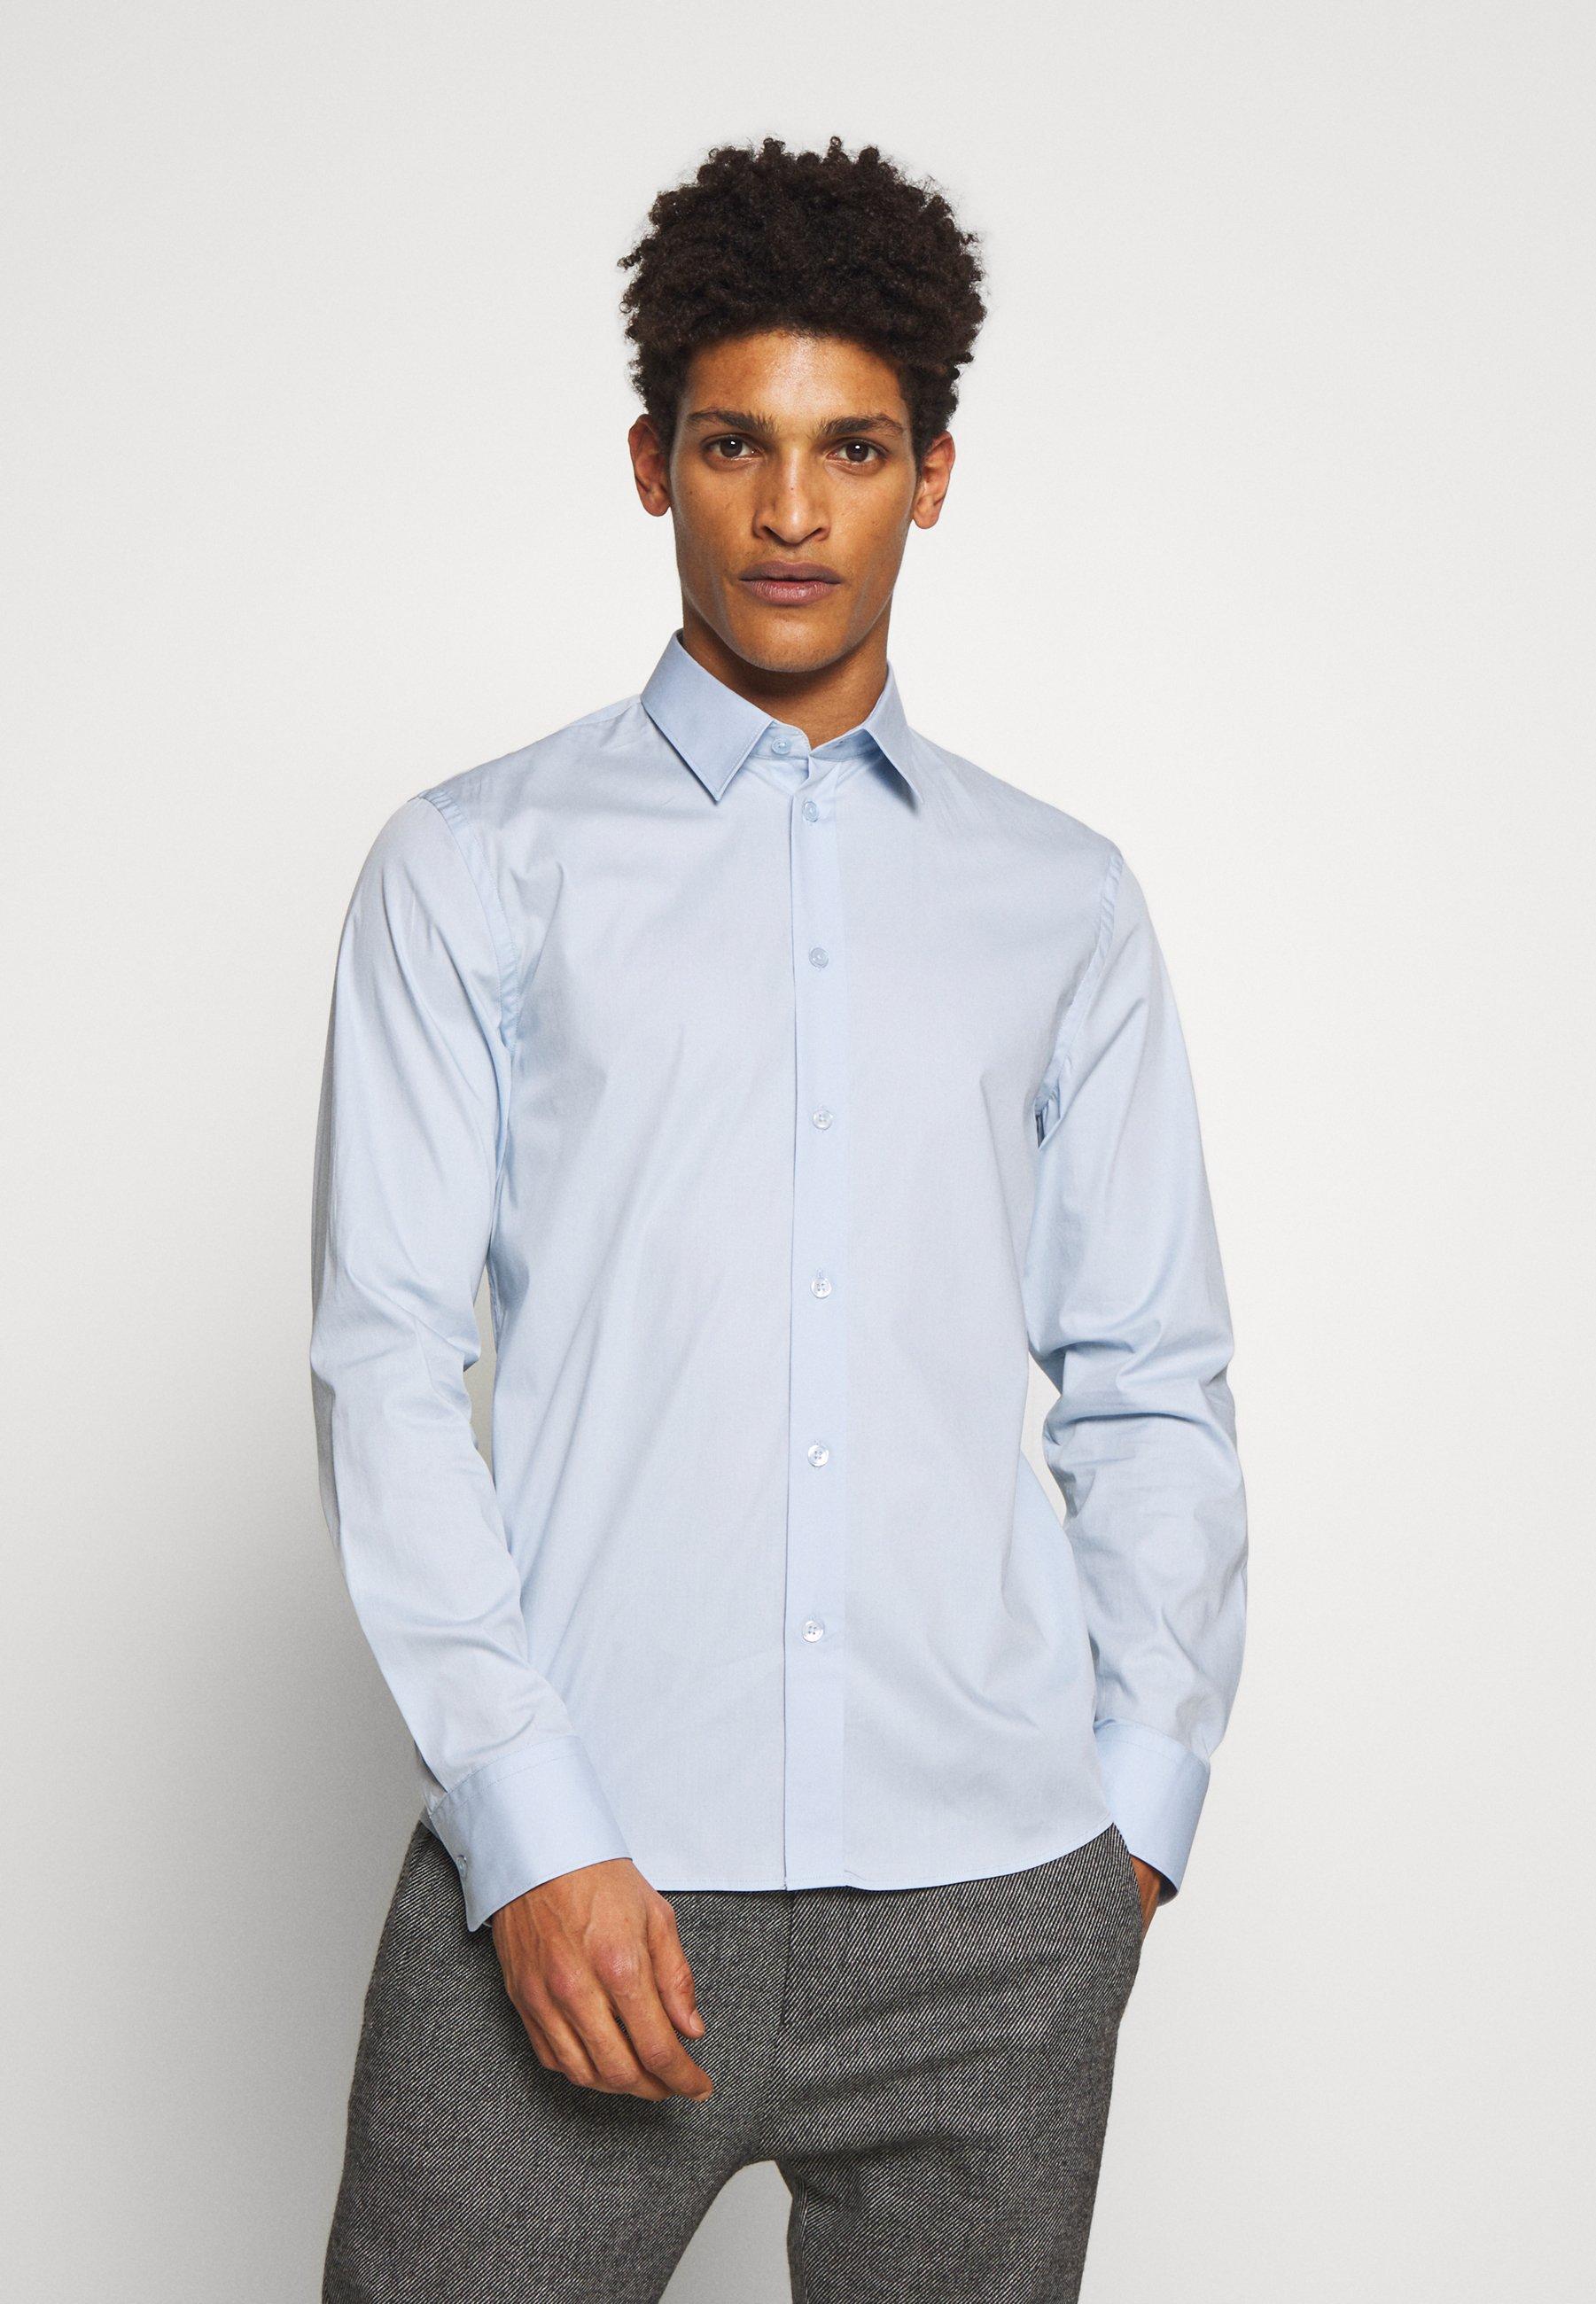 Designerskjorter Størrelse 3XL til herre | Zalando